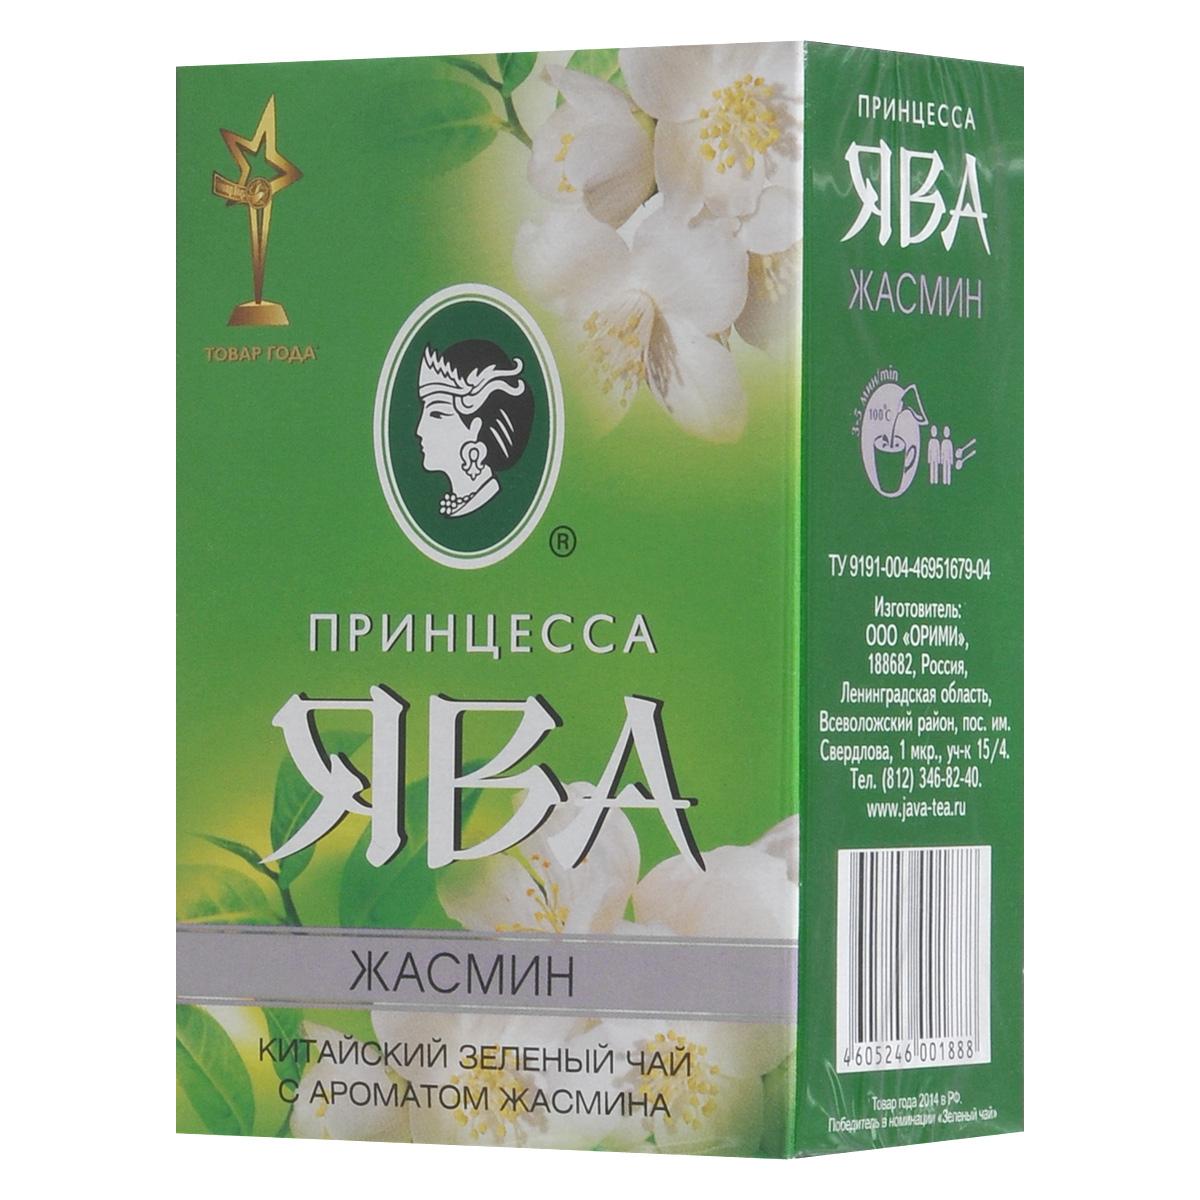 Принцесса Ява Жасмин зеленый ароматизированный чай листовой, 100 г0120710Ароматизированный листовой зеленый чай Принцесса Ява Жасмин - это изысканная смесь китайского среднелистового чая и лепестков жасмина. Чай отличается тонким вкусом и нежным ароматом жасмина, который стимулирует функции головного мозга, а также оказывает освежающее воздействие.